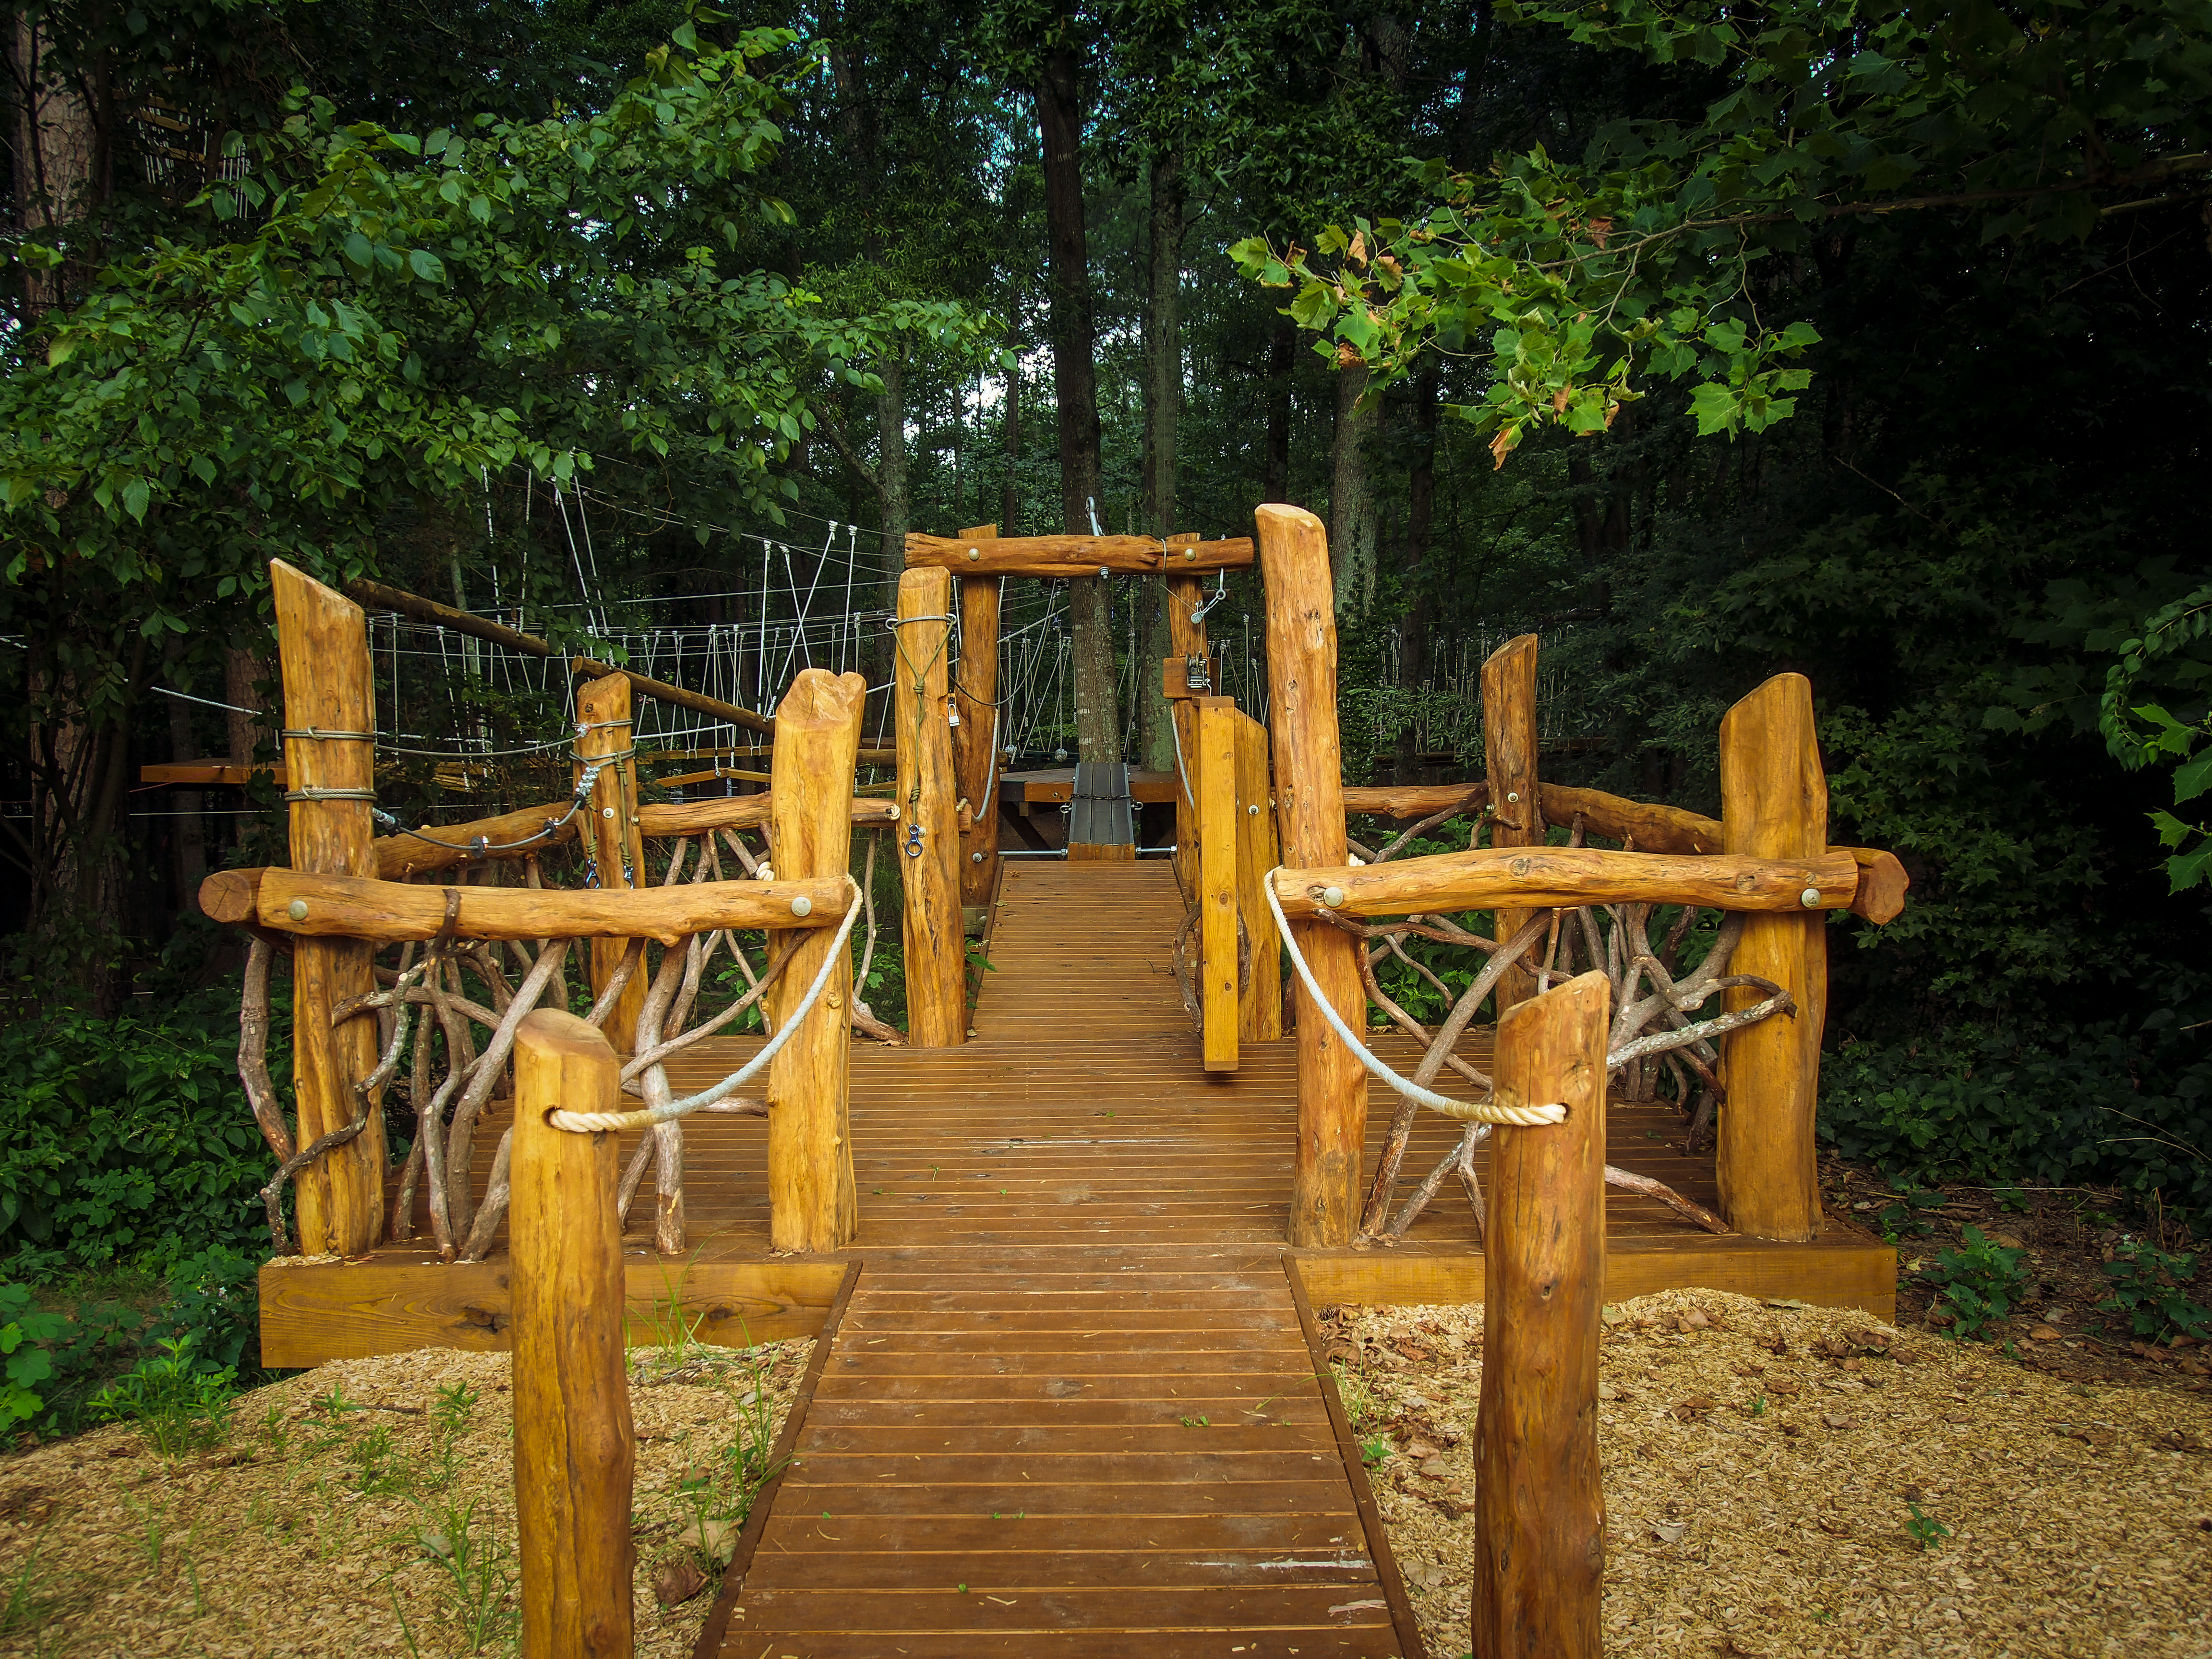 Adventure park entrance